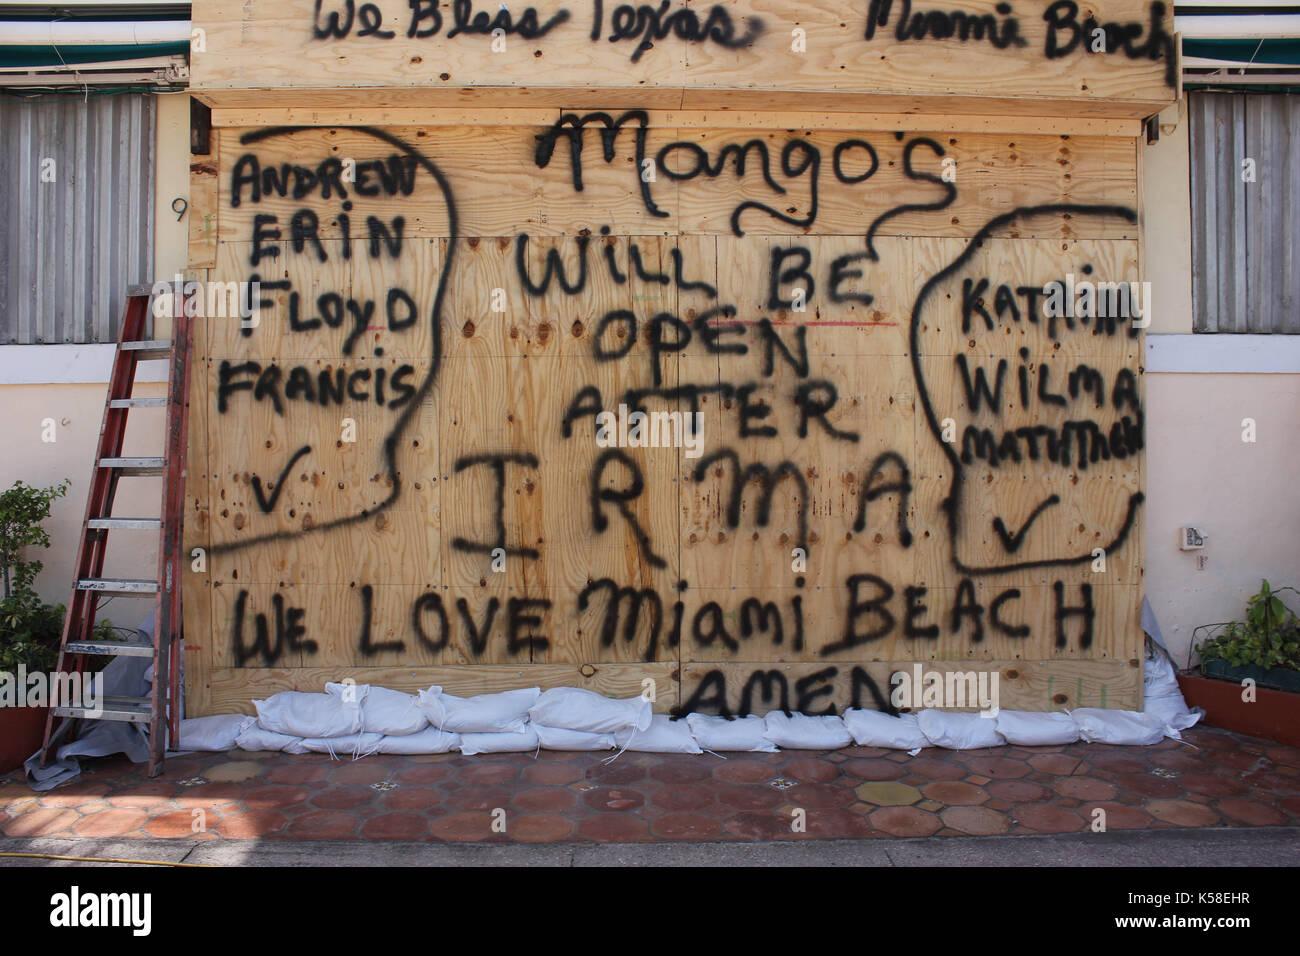 Miami Beach, playas desiertas, pre huracán irma, septiembre 8, 2017 Imagen De Stock